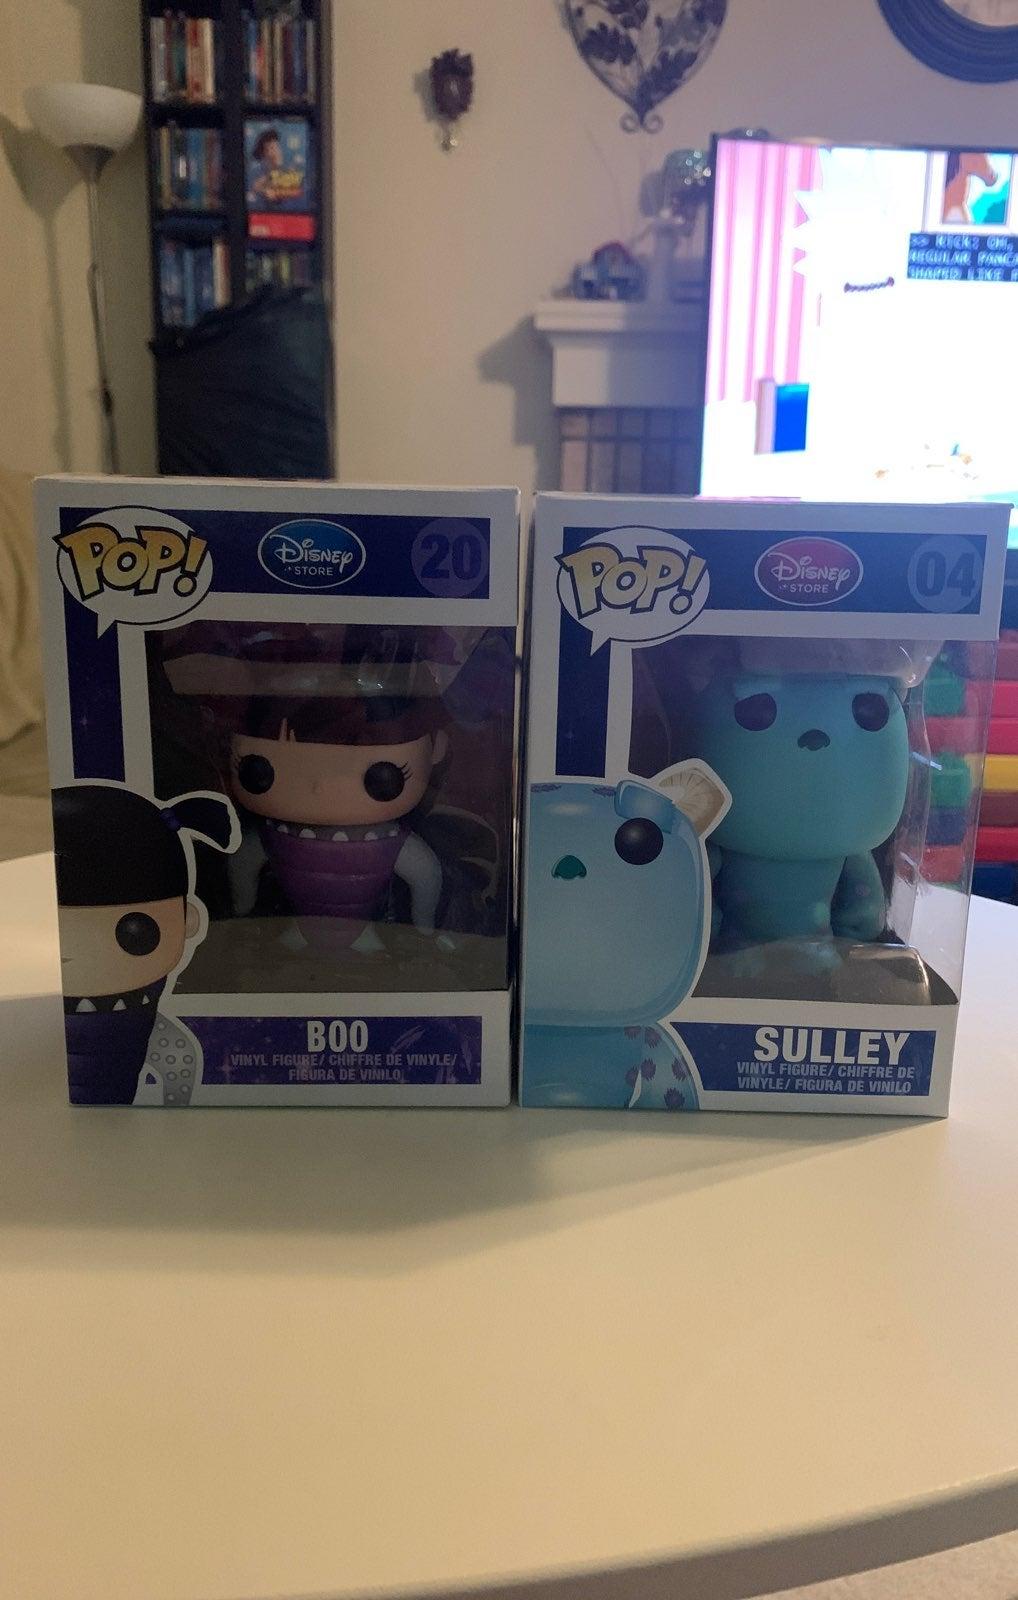 Funko Pop Sulley and Boo